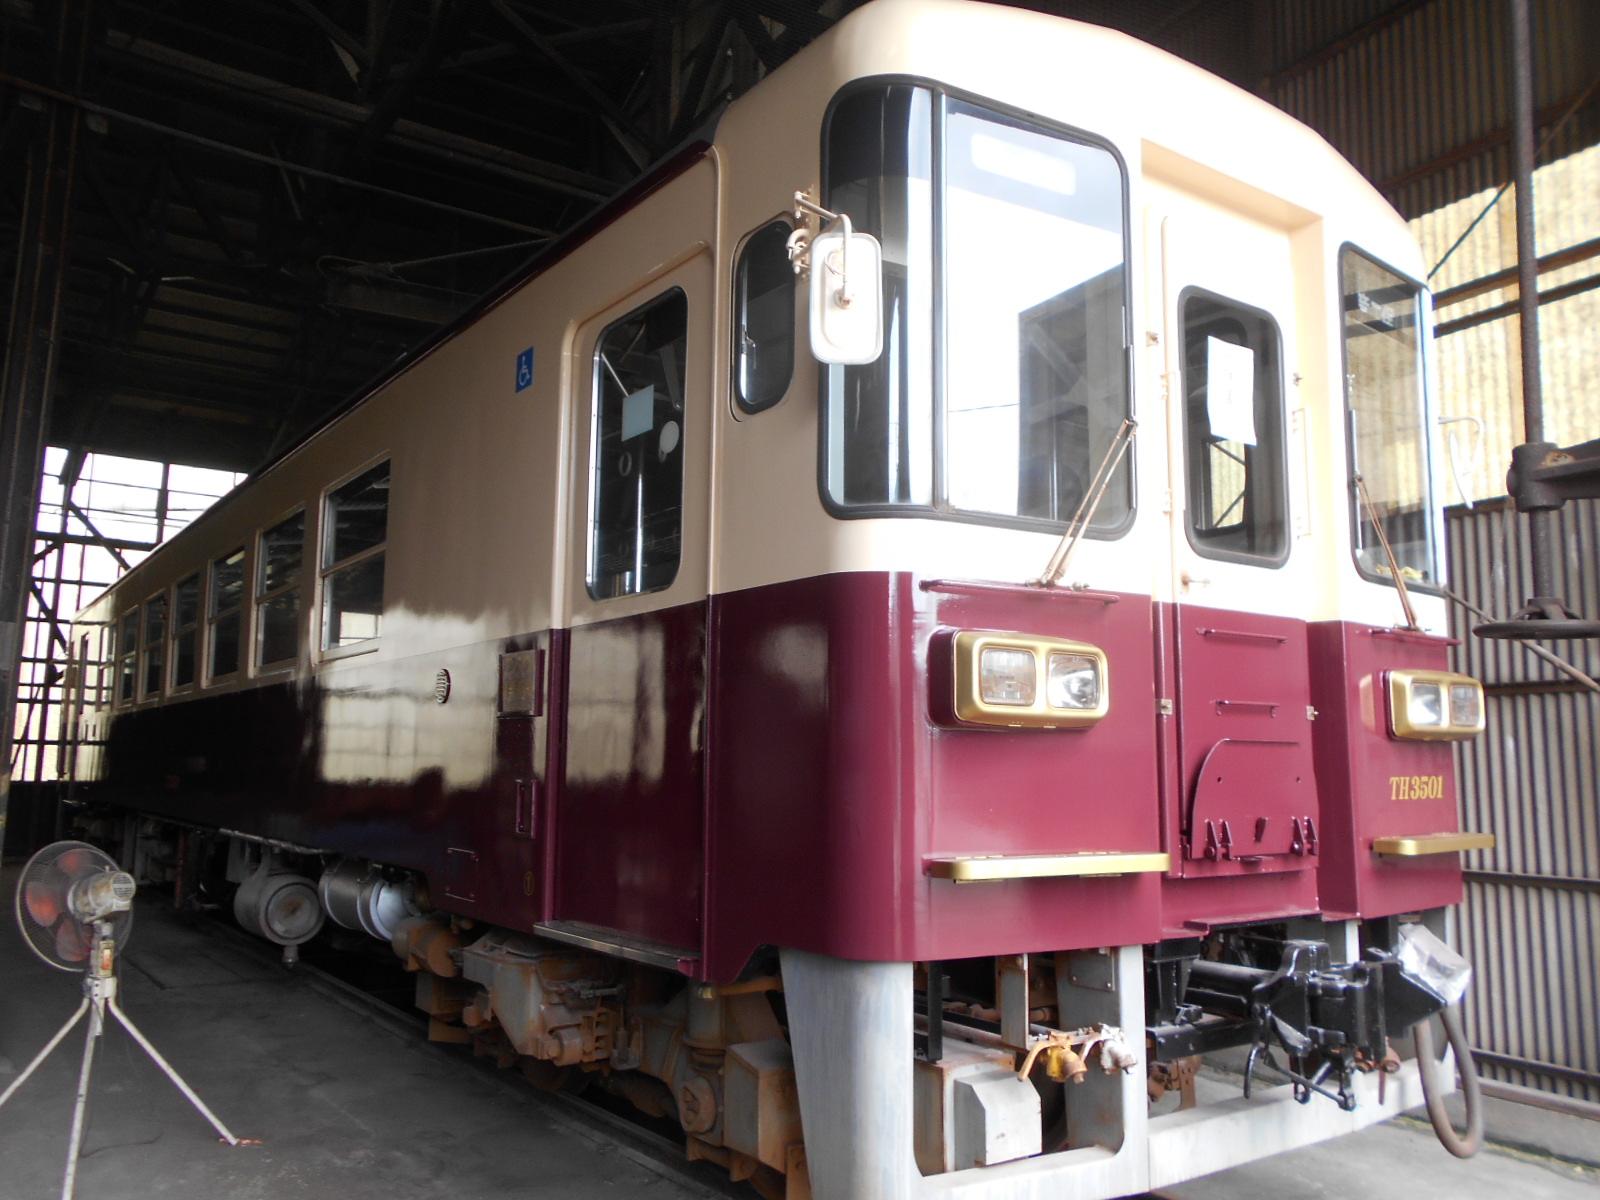 天竜浜名湖鉄道TH3501[浜松市南区の加藤塗装] 外壁塗装、屋根塗装